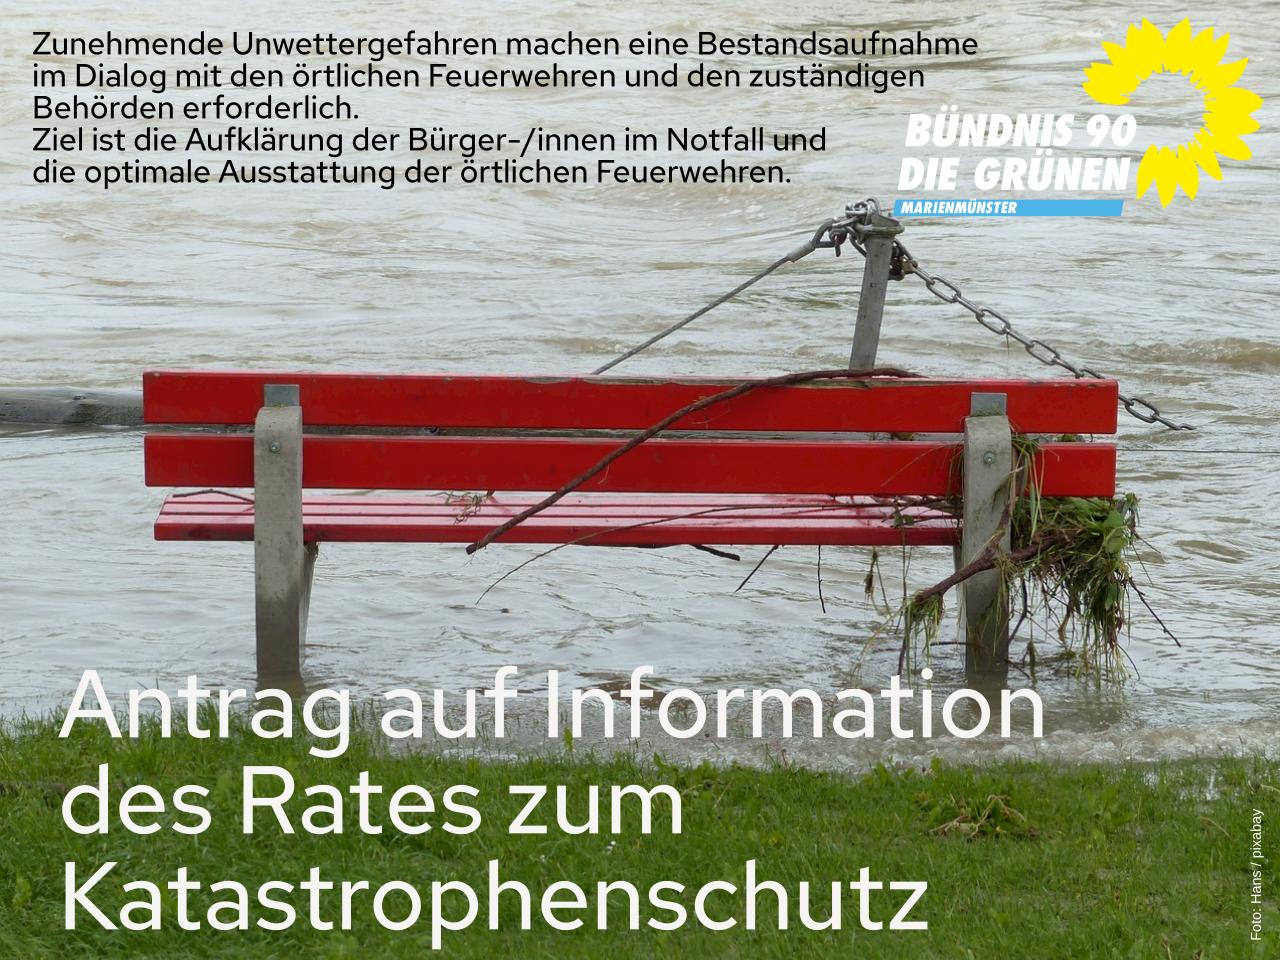 Antrag auf Information des Stadtrats hinsichtlich des Katastrophenschutzes